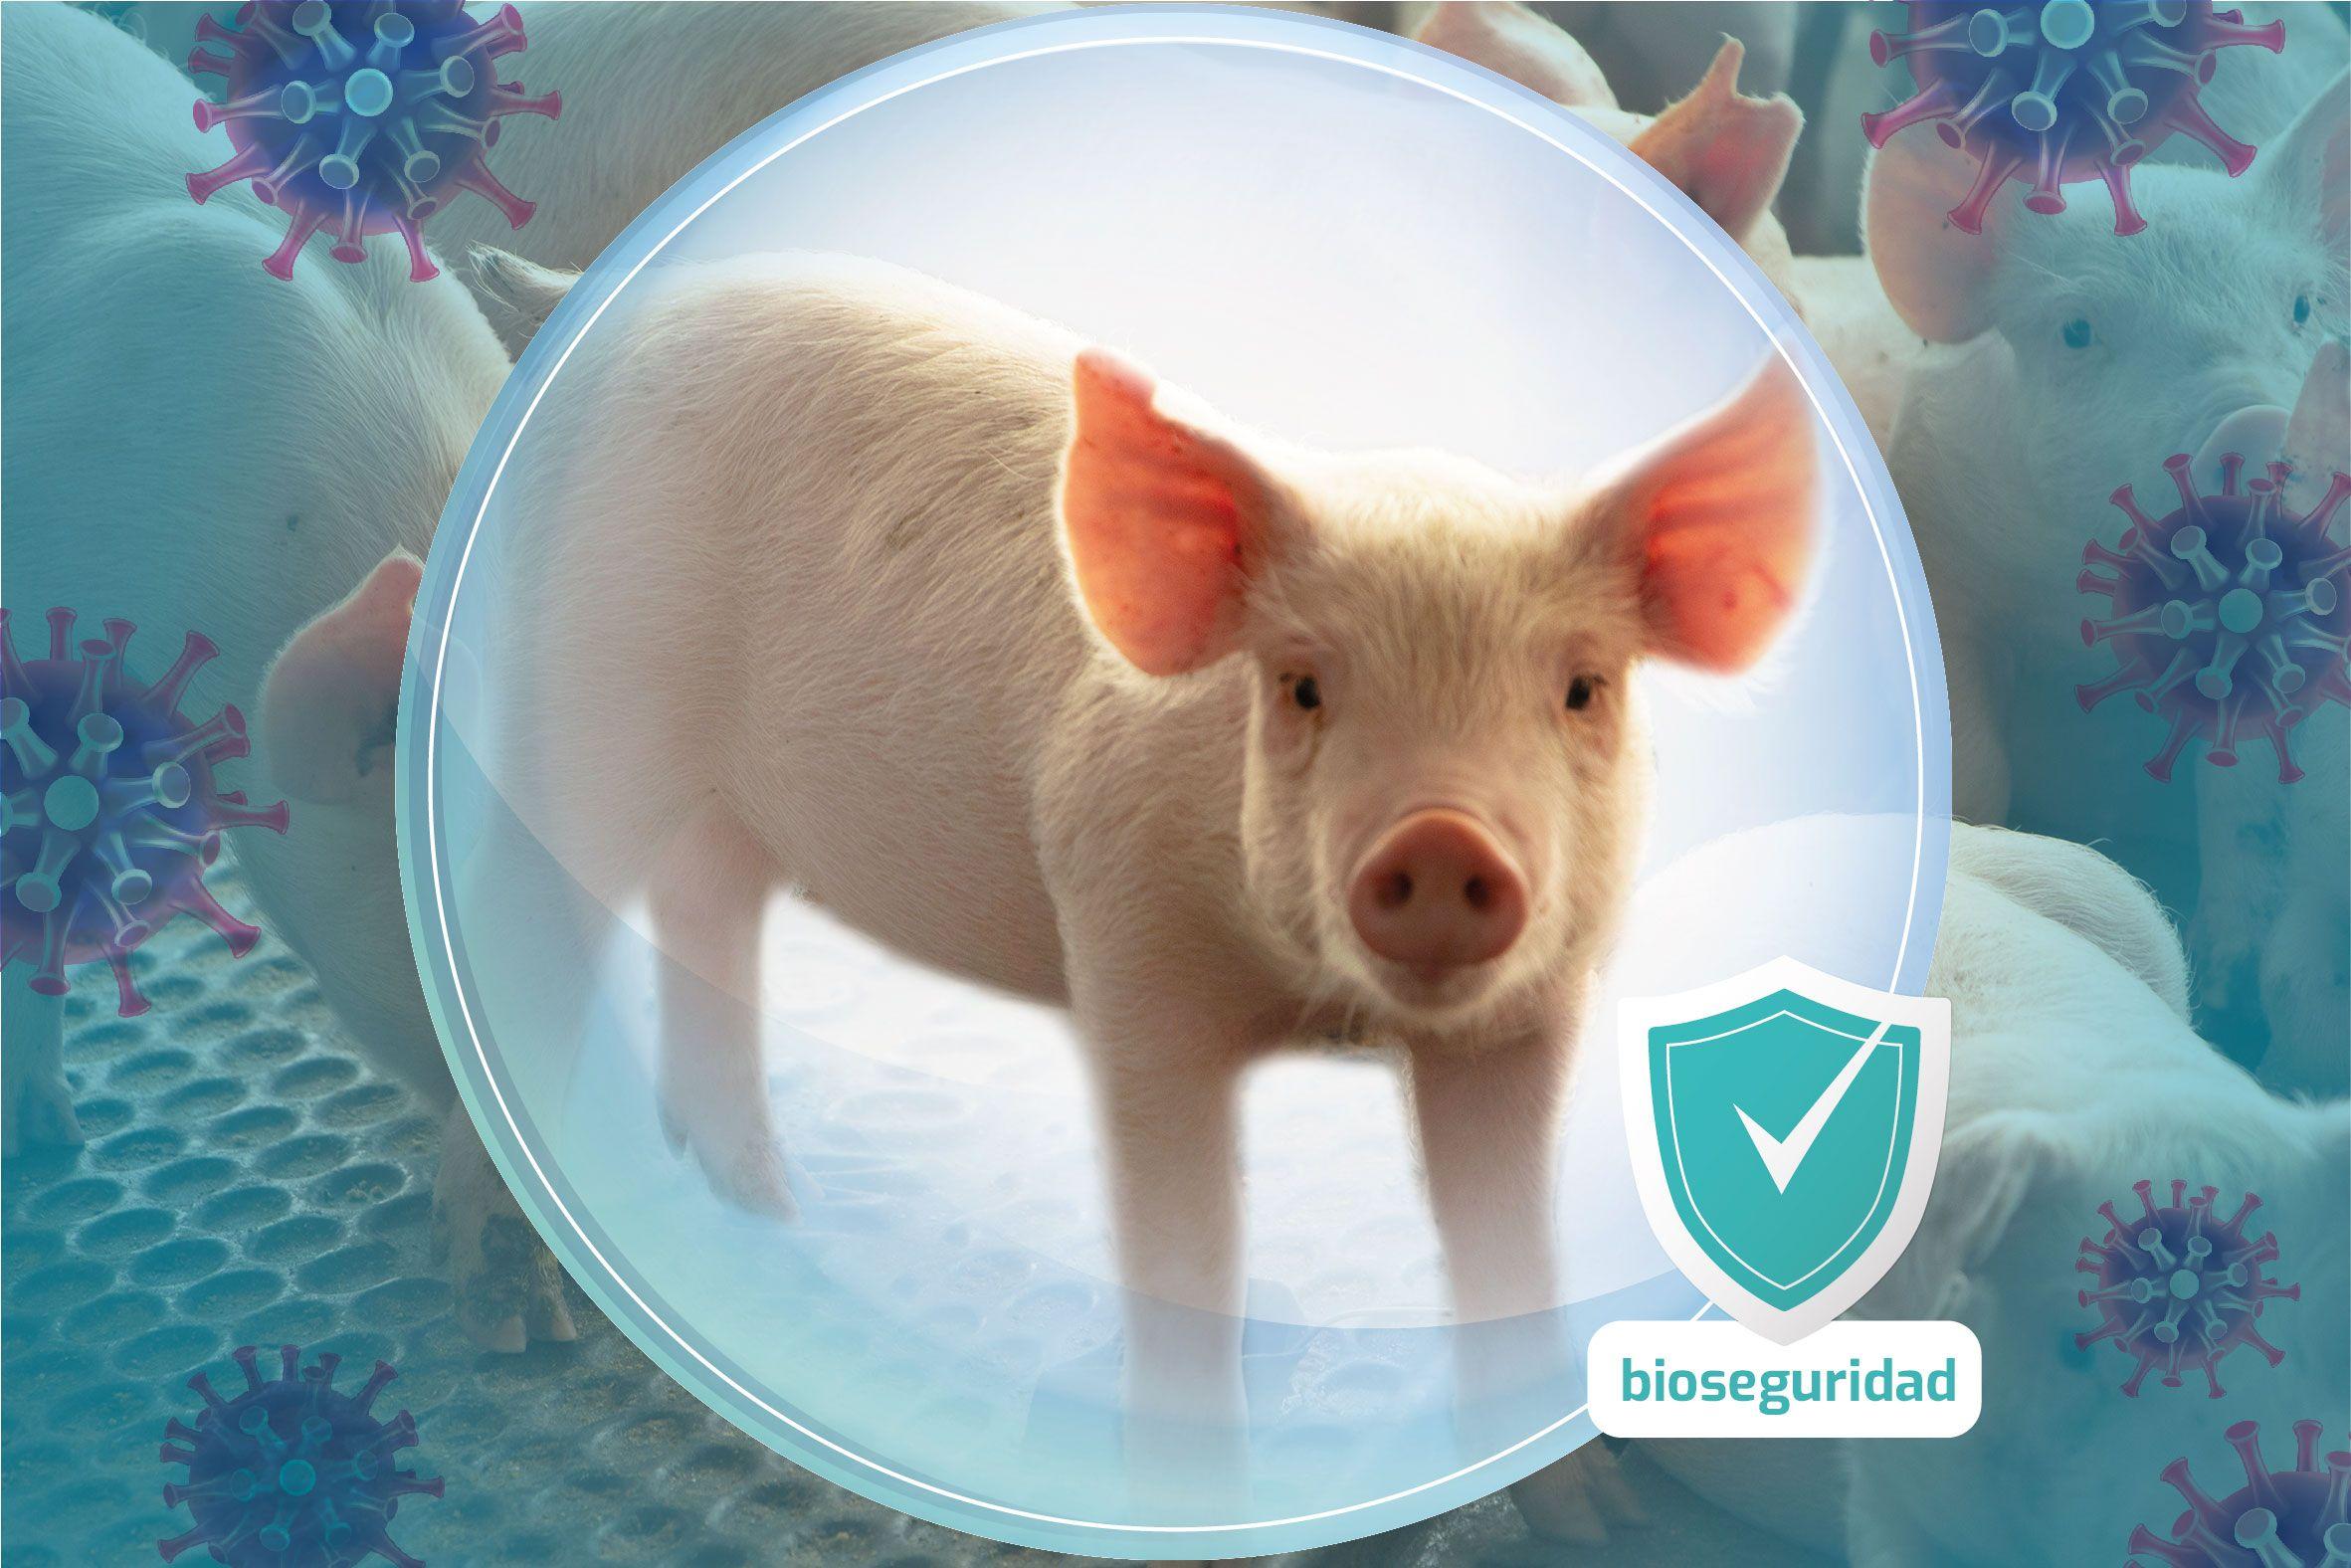 bioseguridad, clave para la prevencion de la peste porcina africana